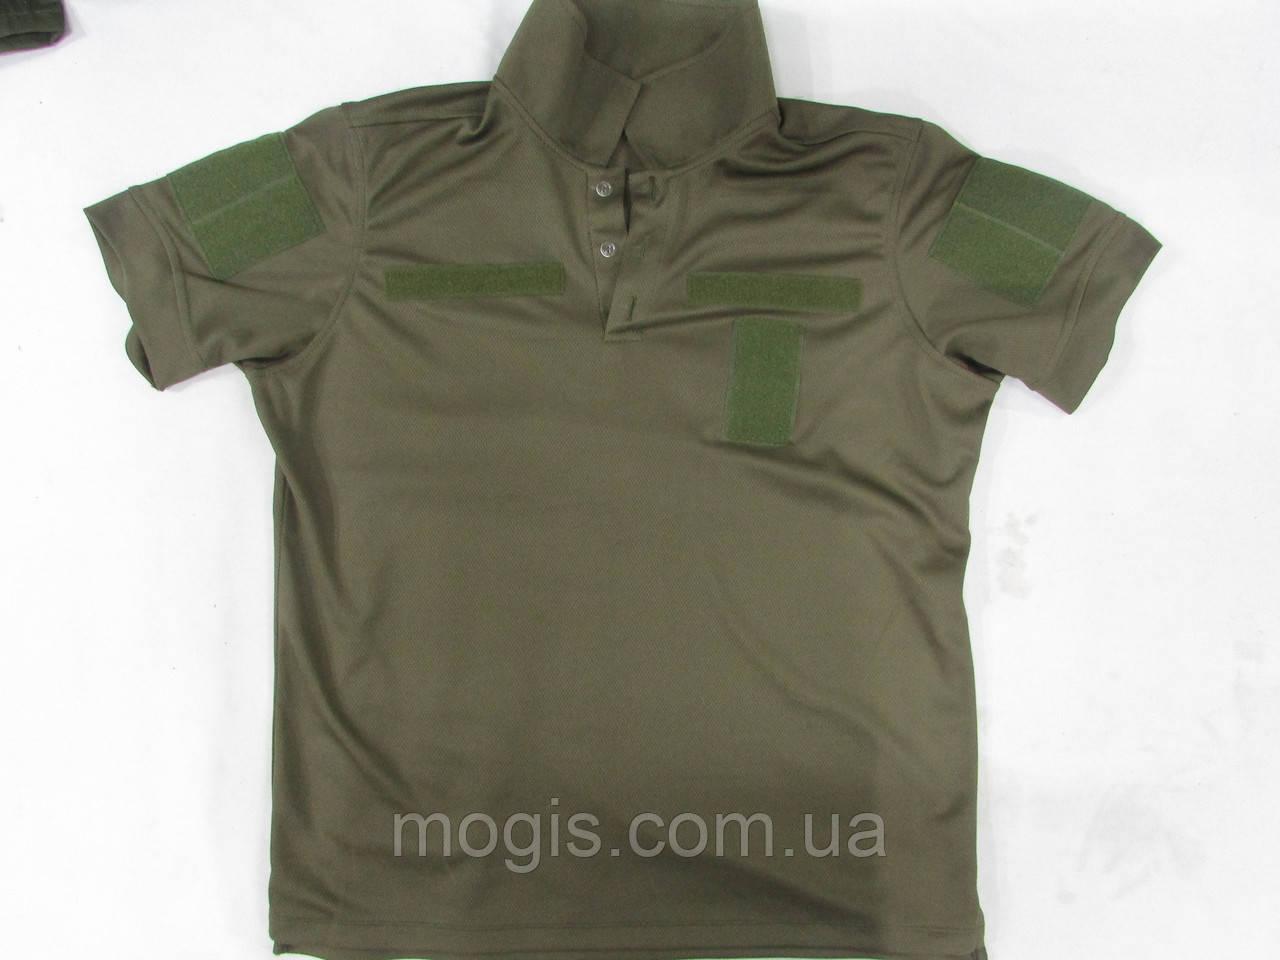 Тениска поло COOL PASS с антистатической нитью 100% пэ